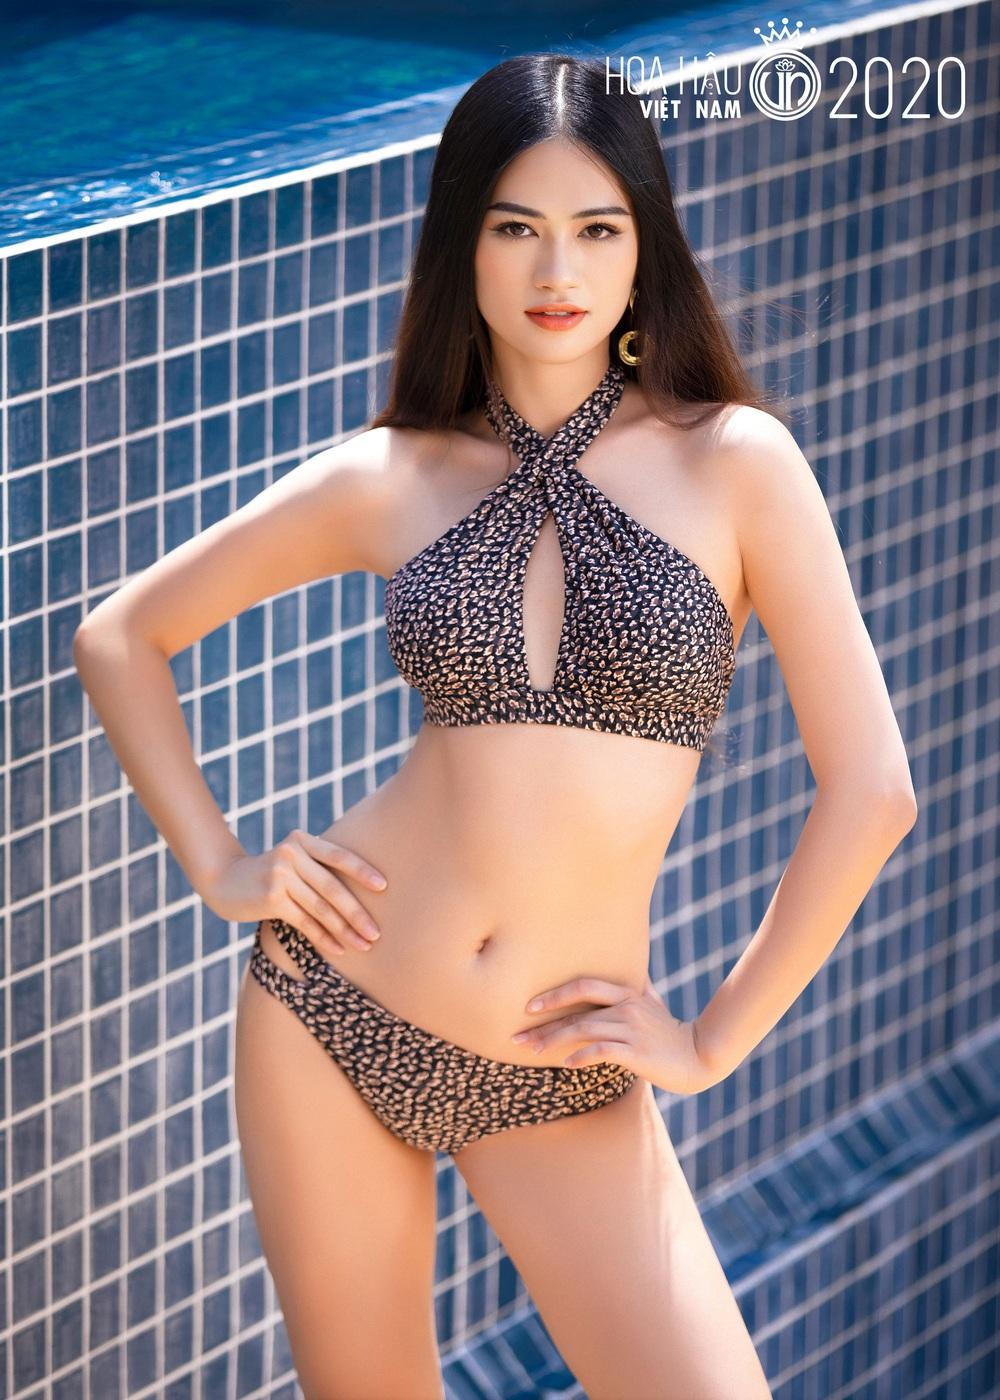 Trọn bộ ảnh bikini trước thềm Chung kết Hoa hậu Việt Nam 2020 - Ảnh 17.